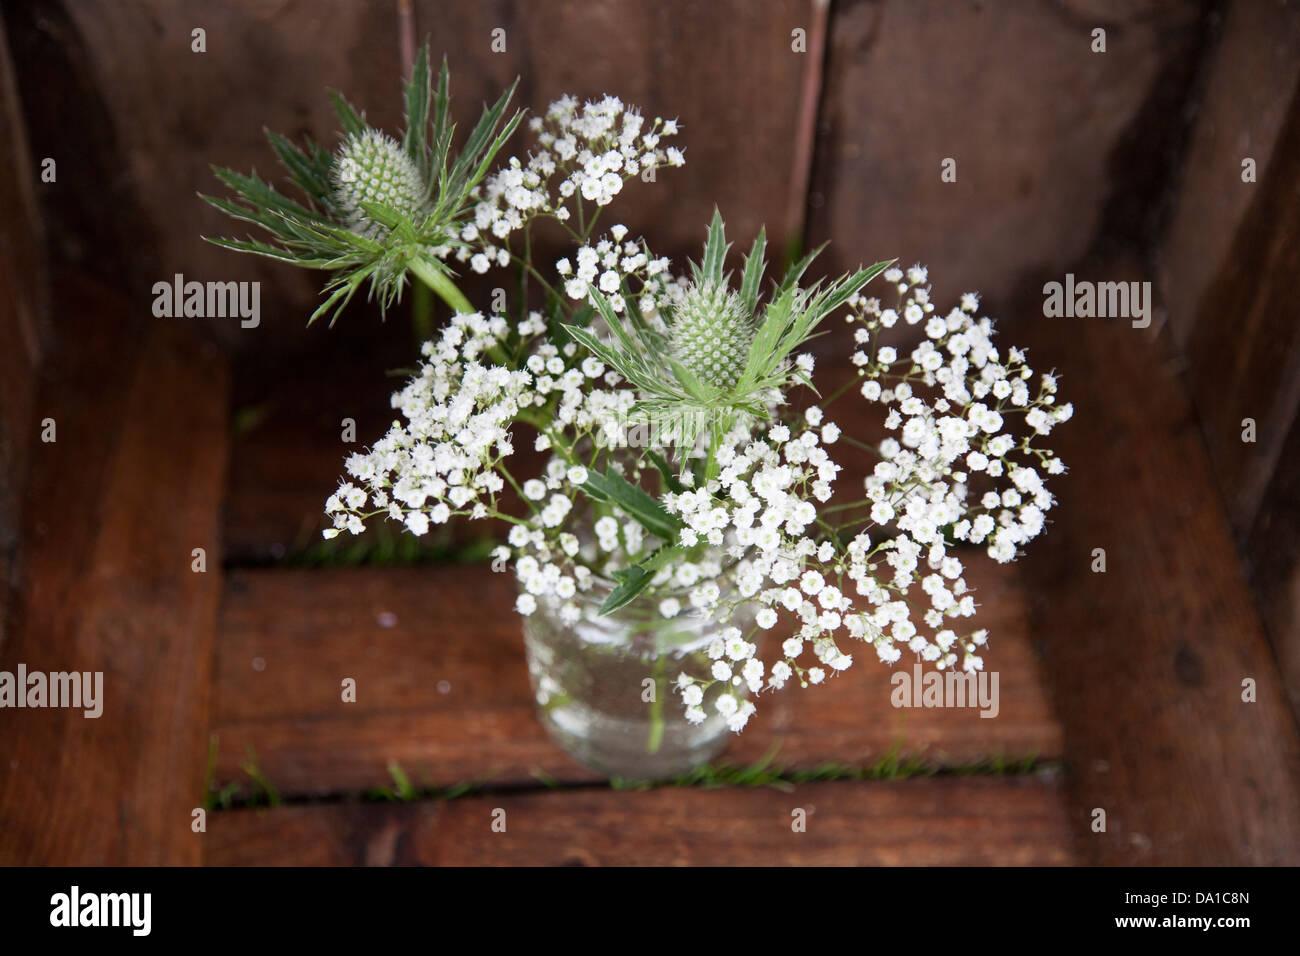 Simple Arreglo De Flores Blancas Y Verdes Cardos En Un